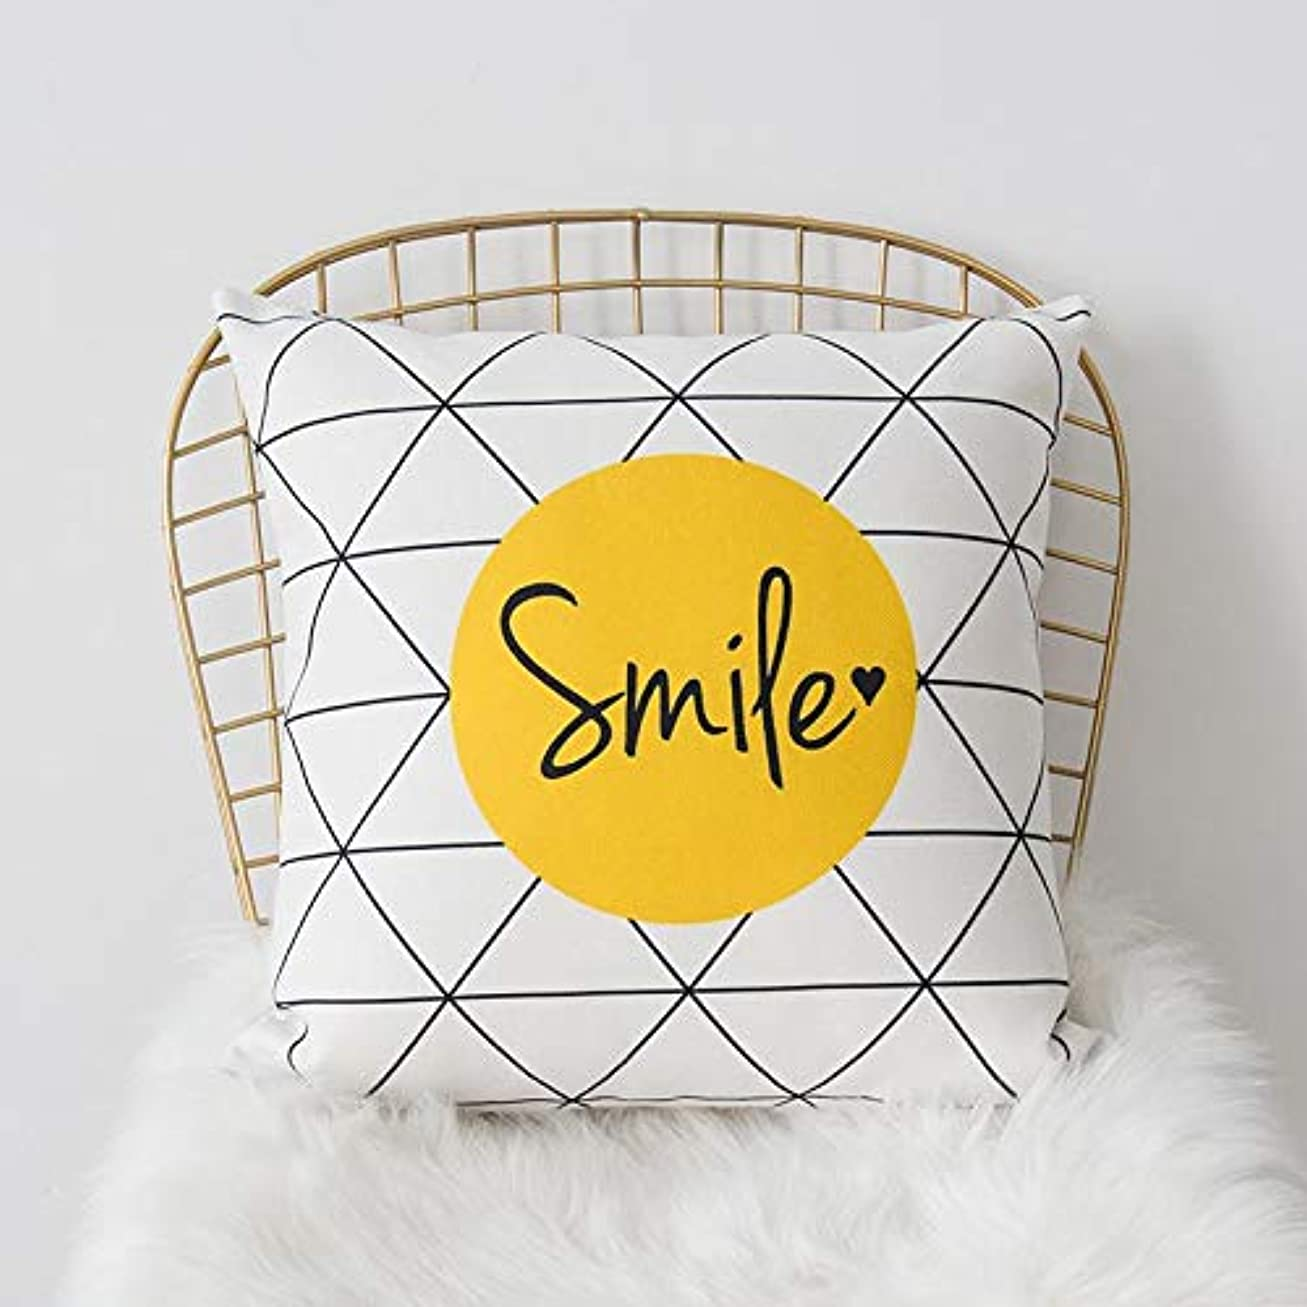 スキップ弾薬令状LIFE 黄色グレー枕北欧スタイル黄色ヘラジカ幾何枕リビングルームのインテリアソファクッション Cojines 装飾良質 クッション 椅子